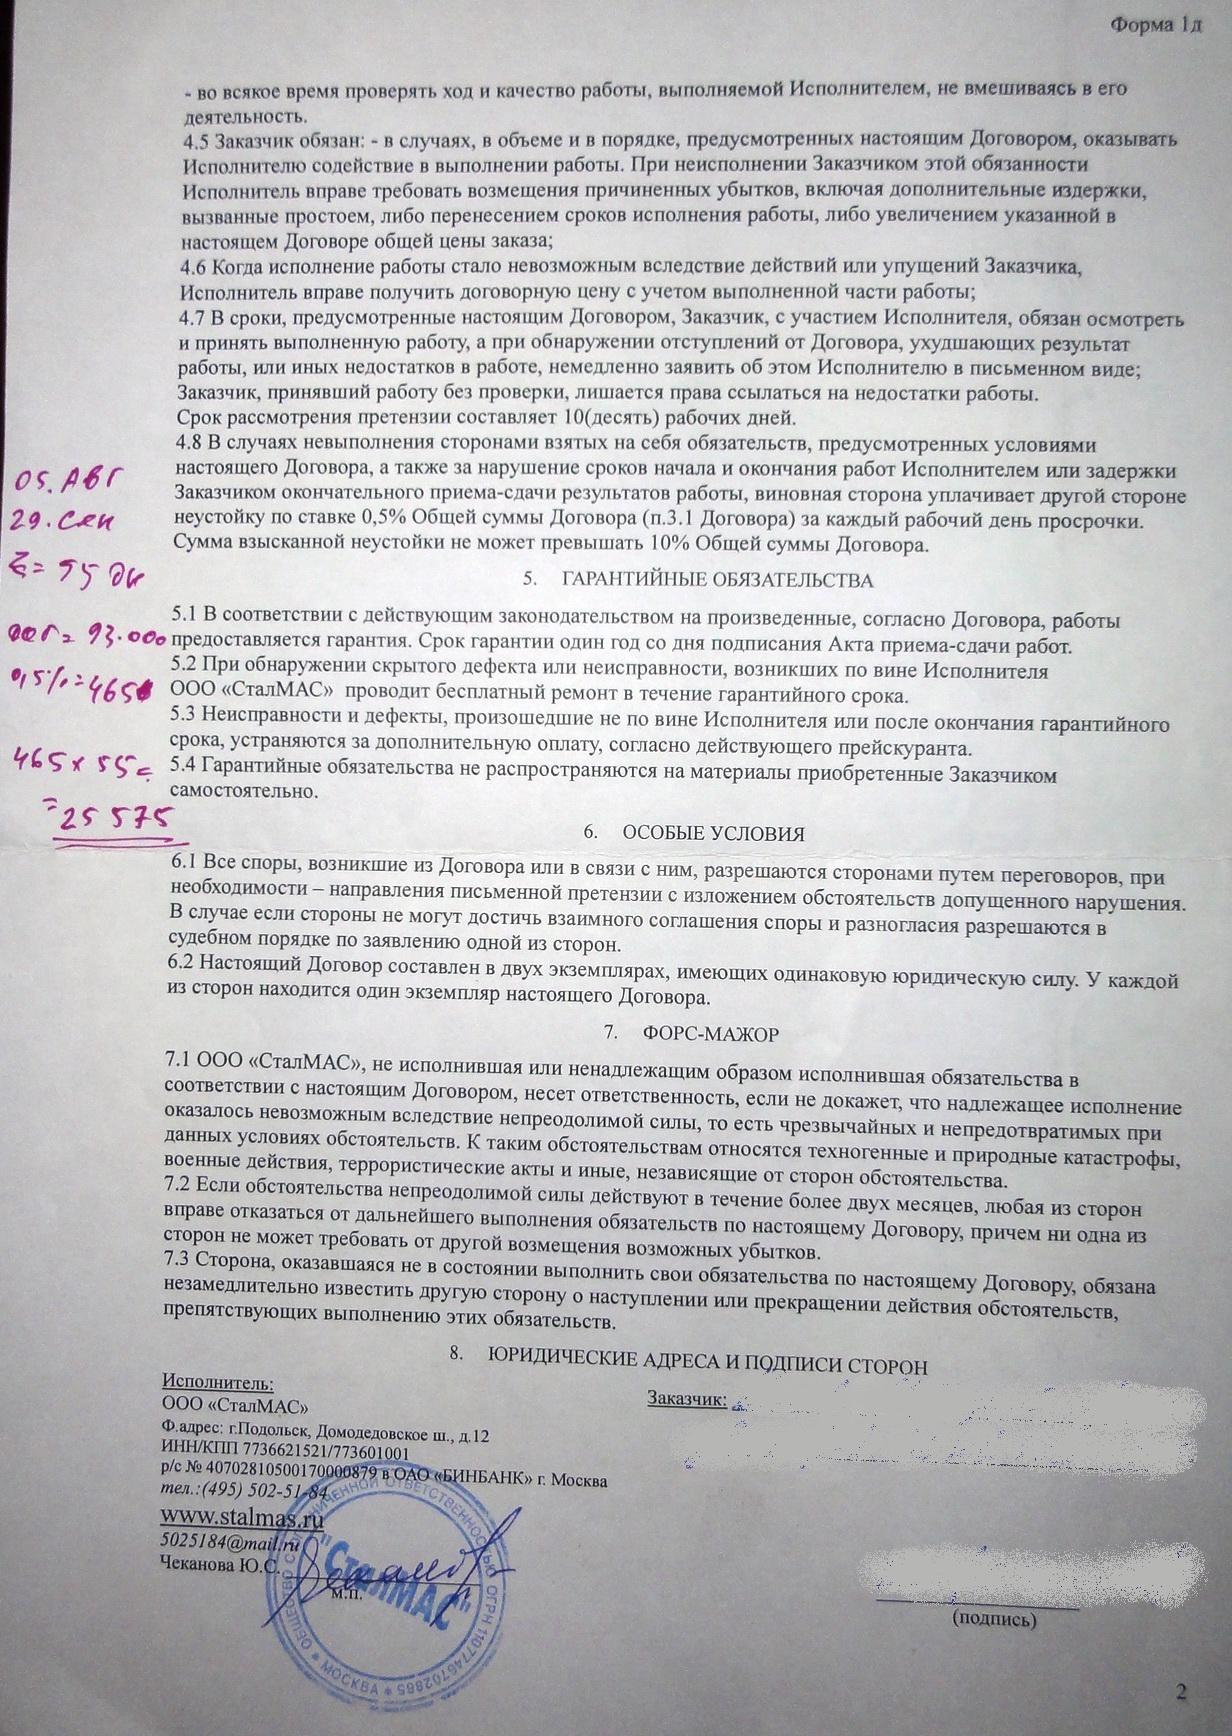 Договор со СталМАС на изготовление двери - обман (2)